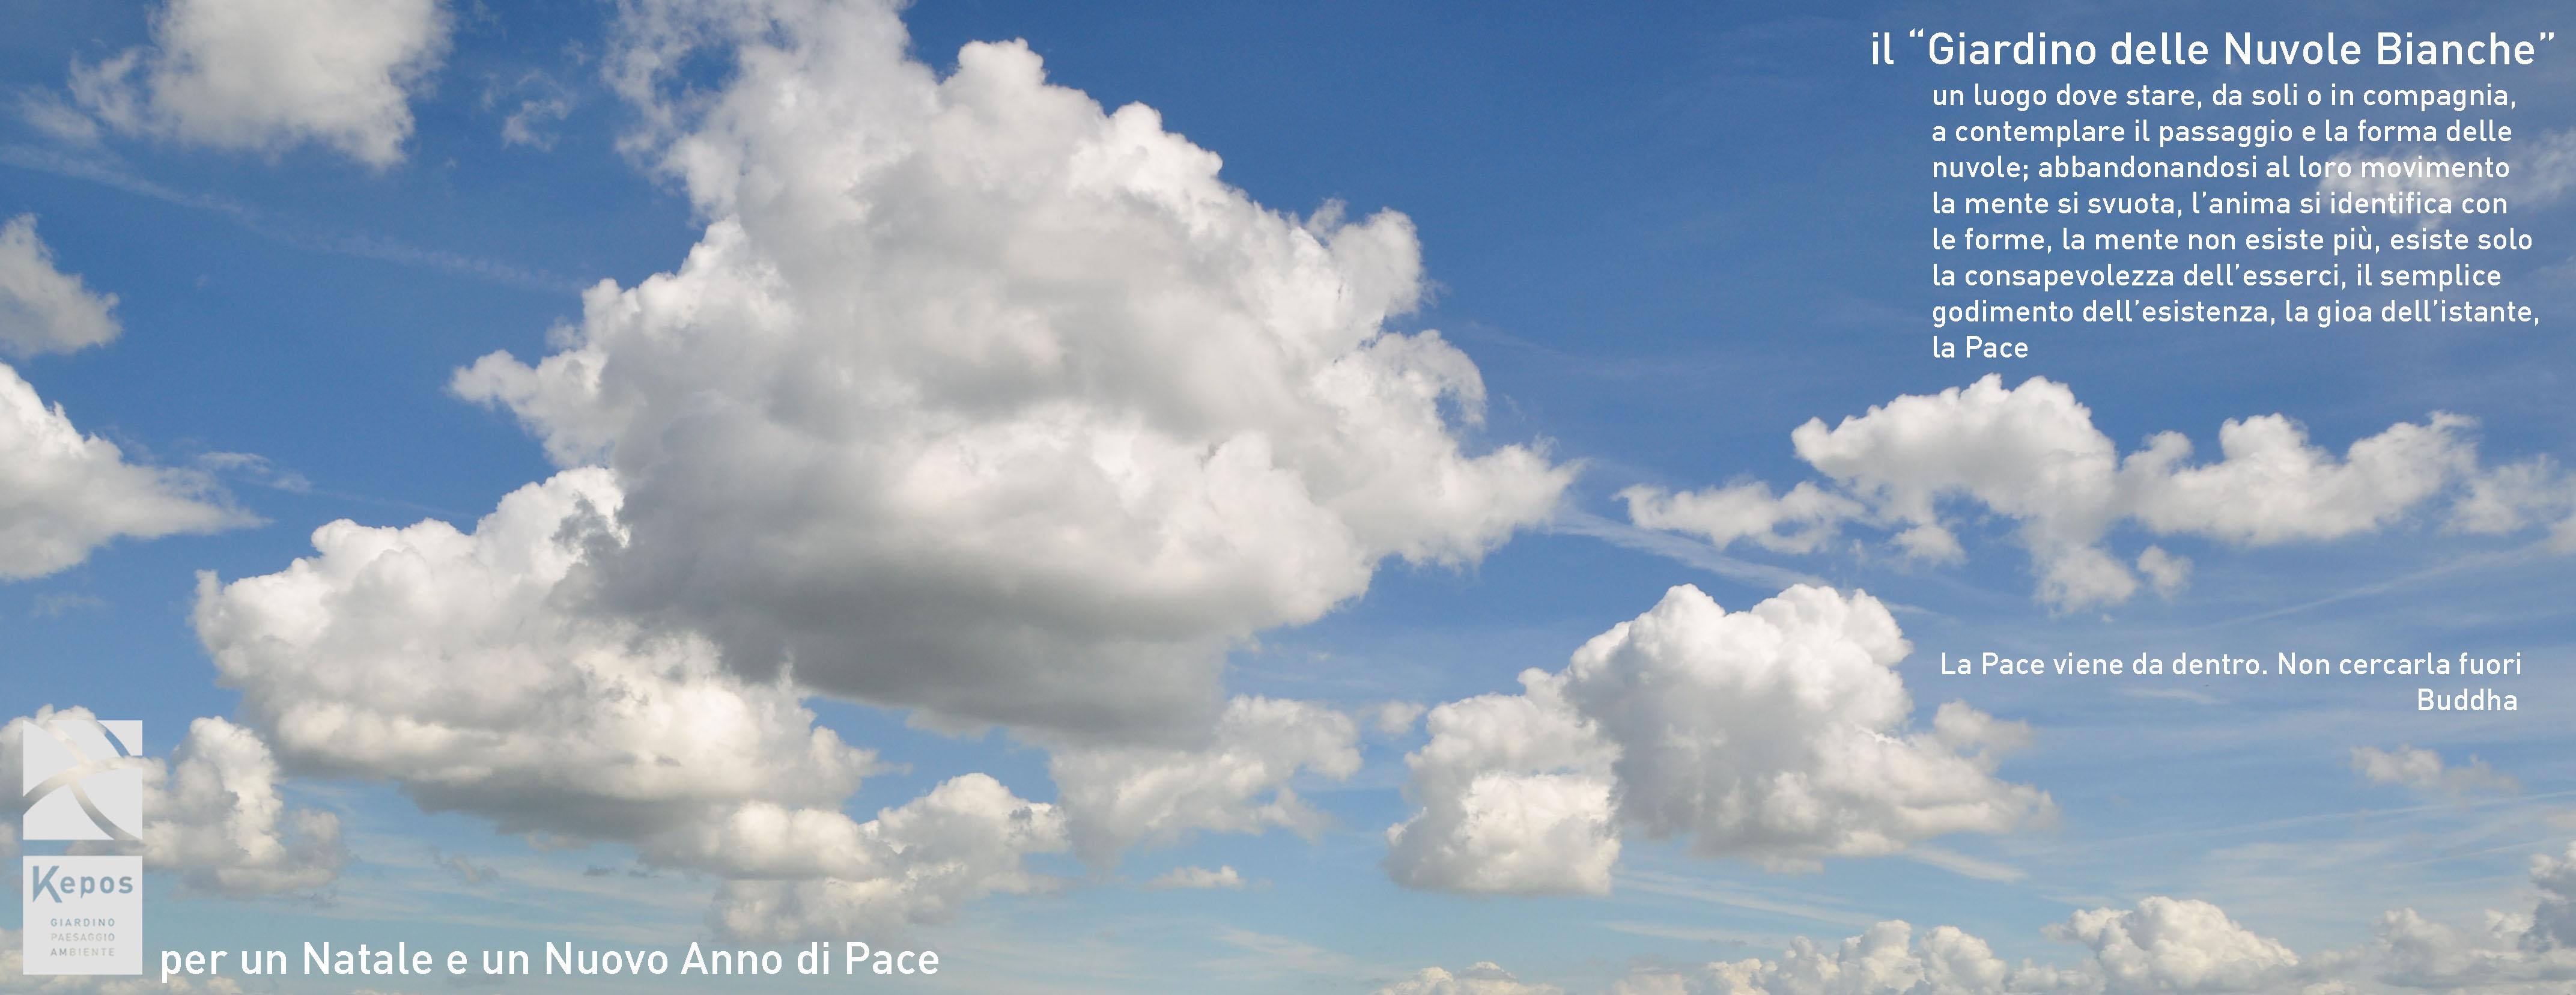 Il Giardino delle Nuvole - Auguri da Kepos